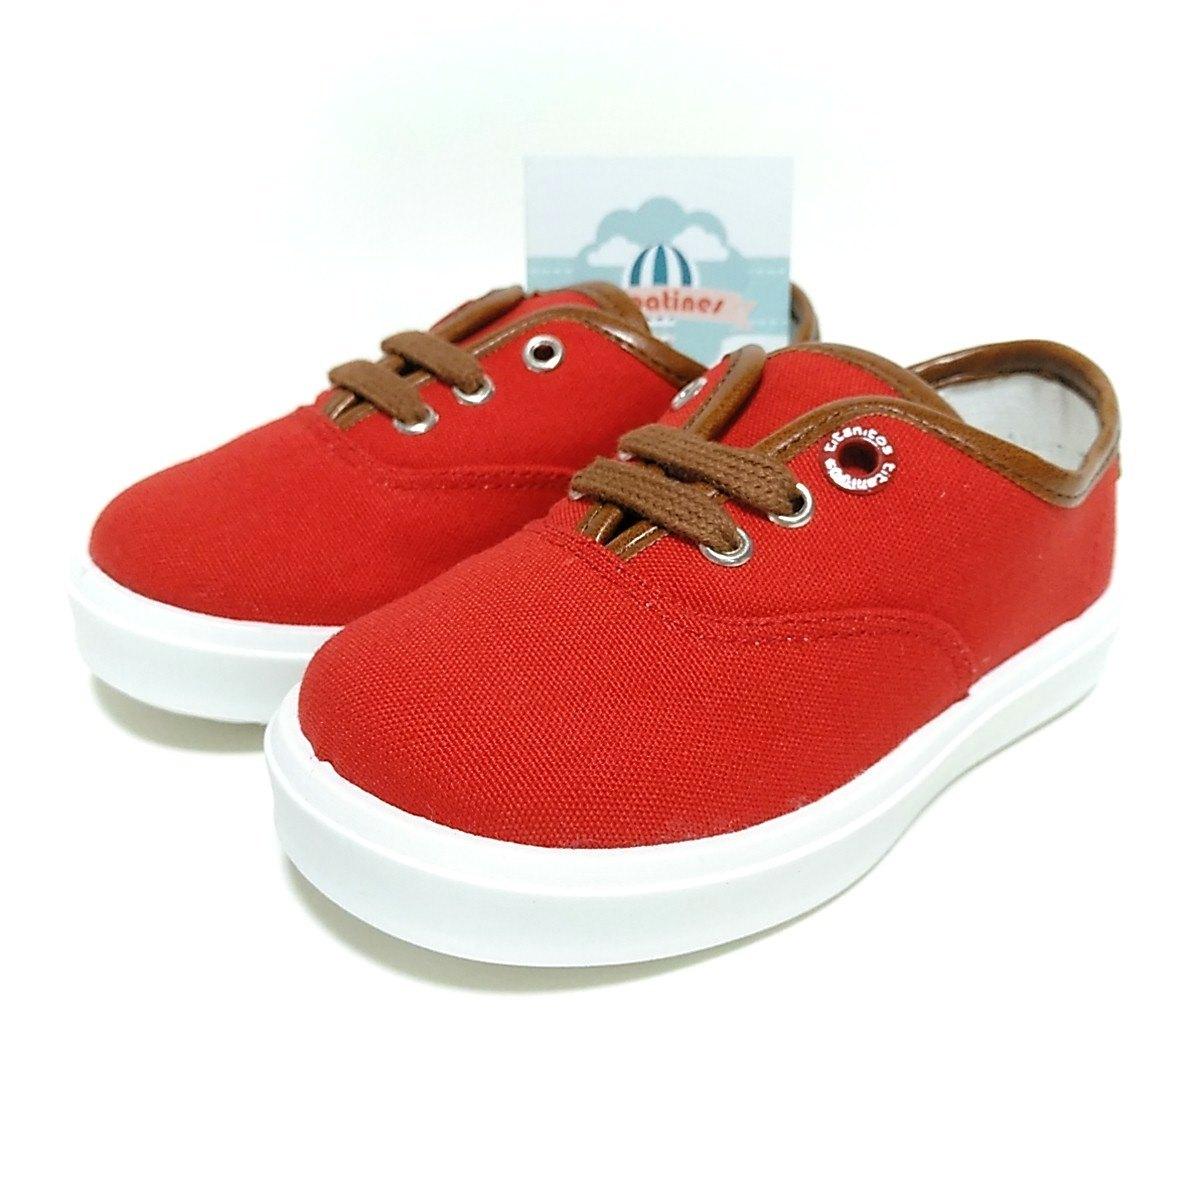 95d8d35e3 Titanitos lona roja con cordones y detalle cuero para niños   Zapatines